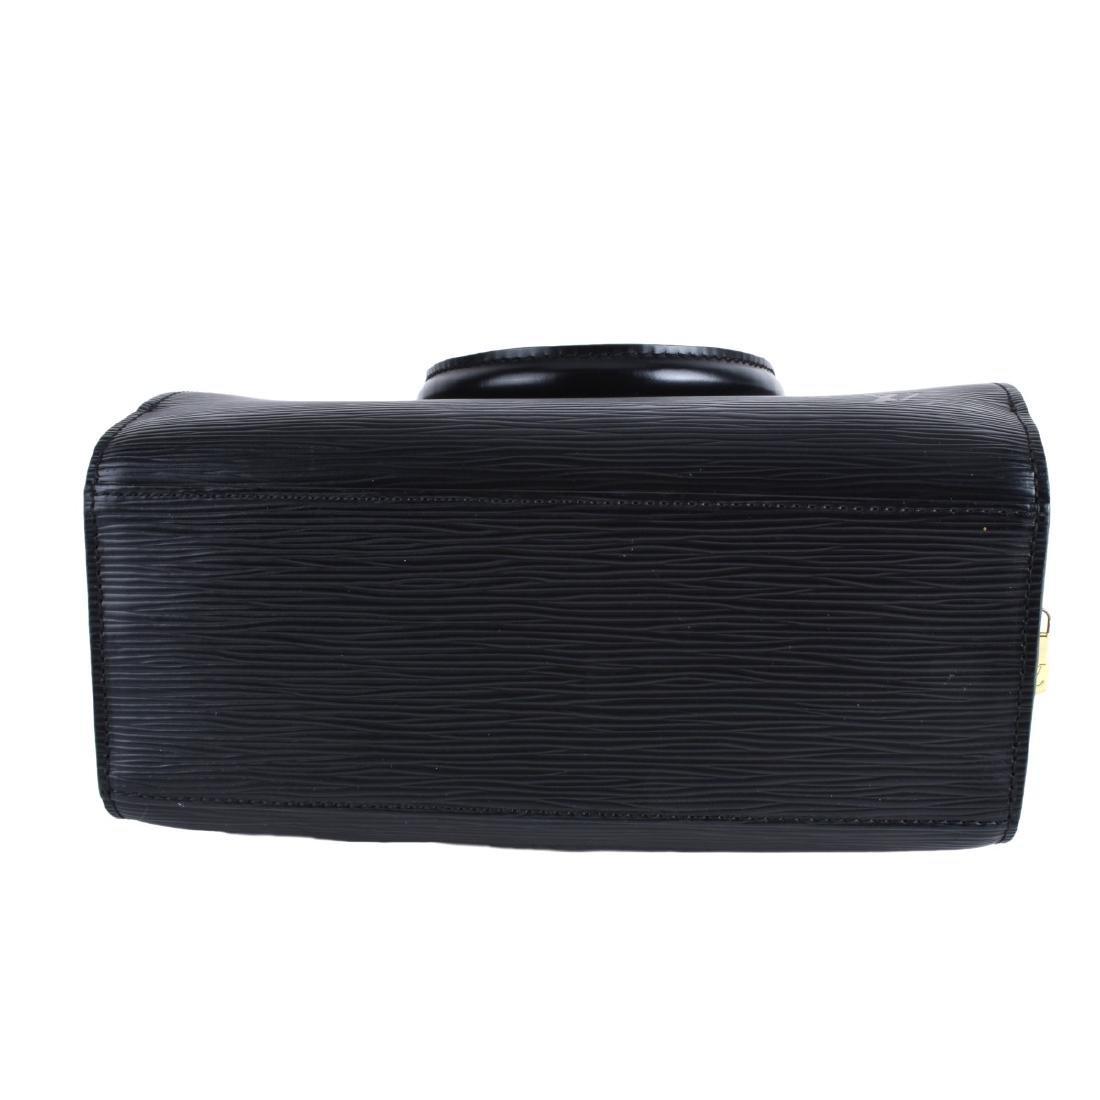 Louis Vuitton Black Epi Leather Pont-Neuf Handbag - 3